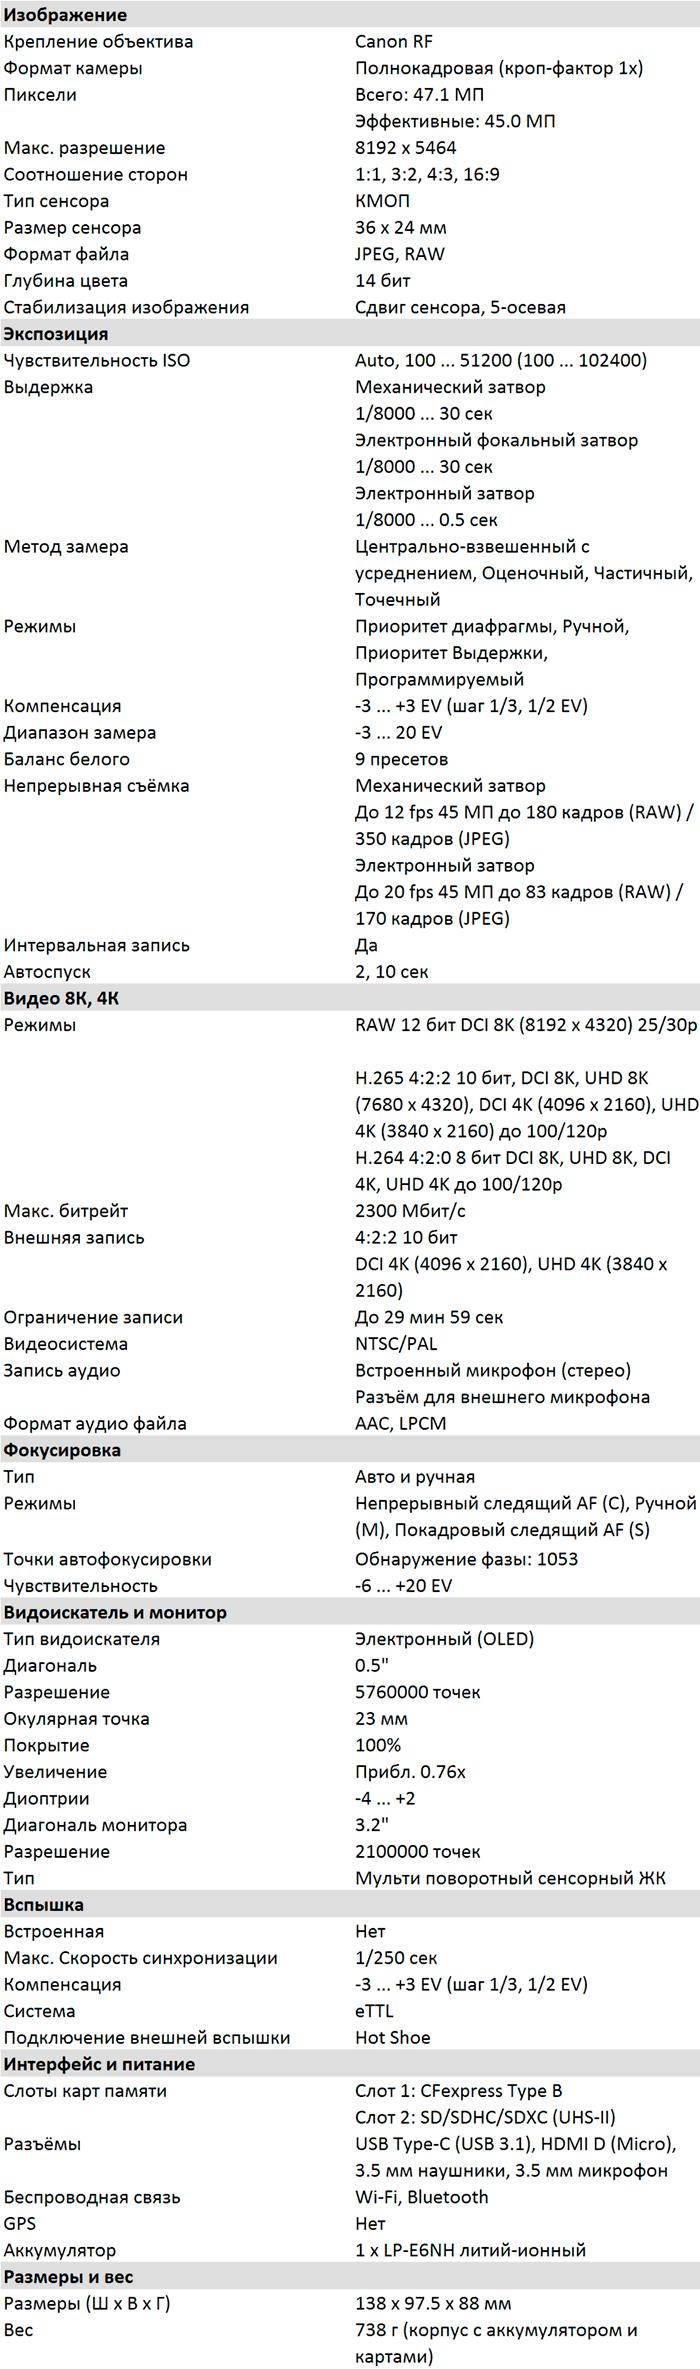 Характеристики EOS R5